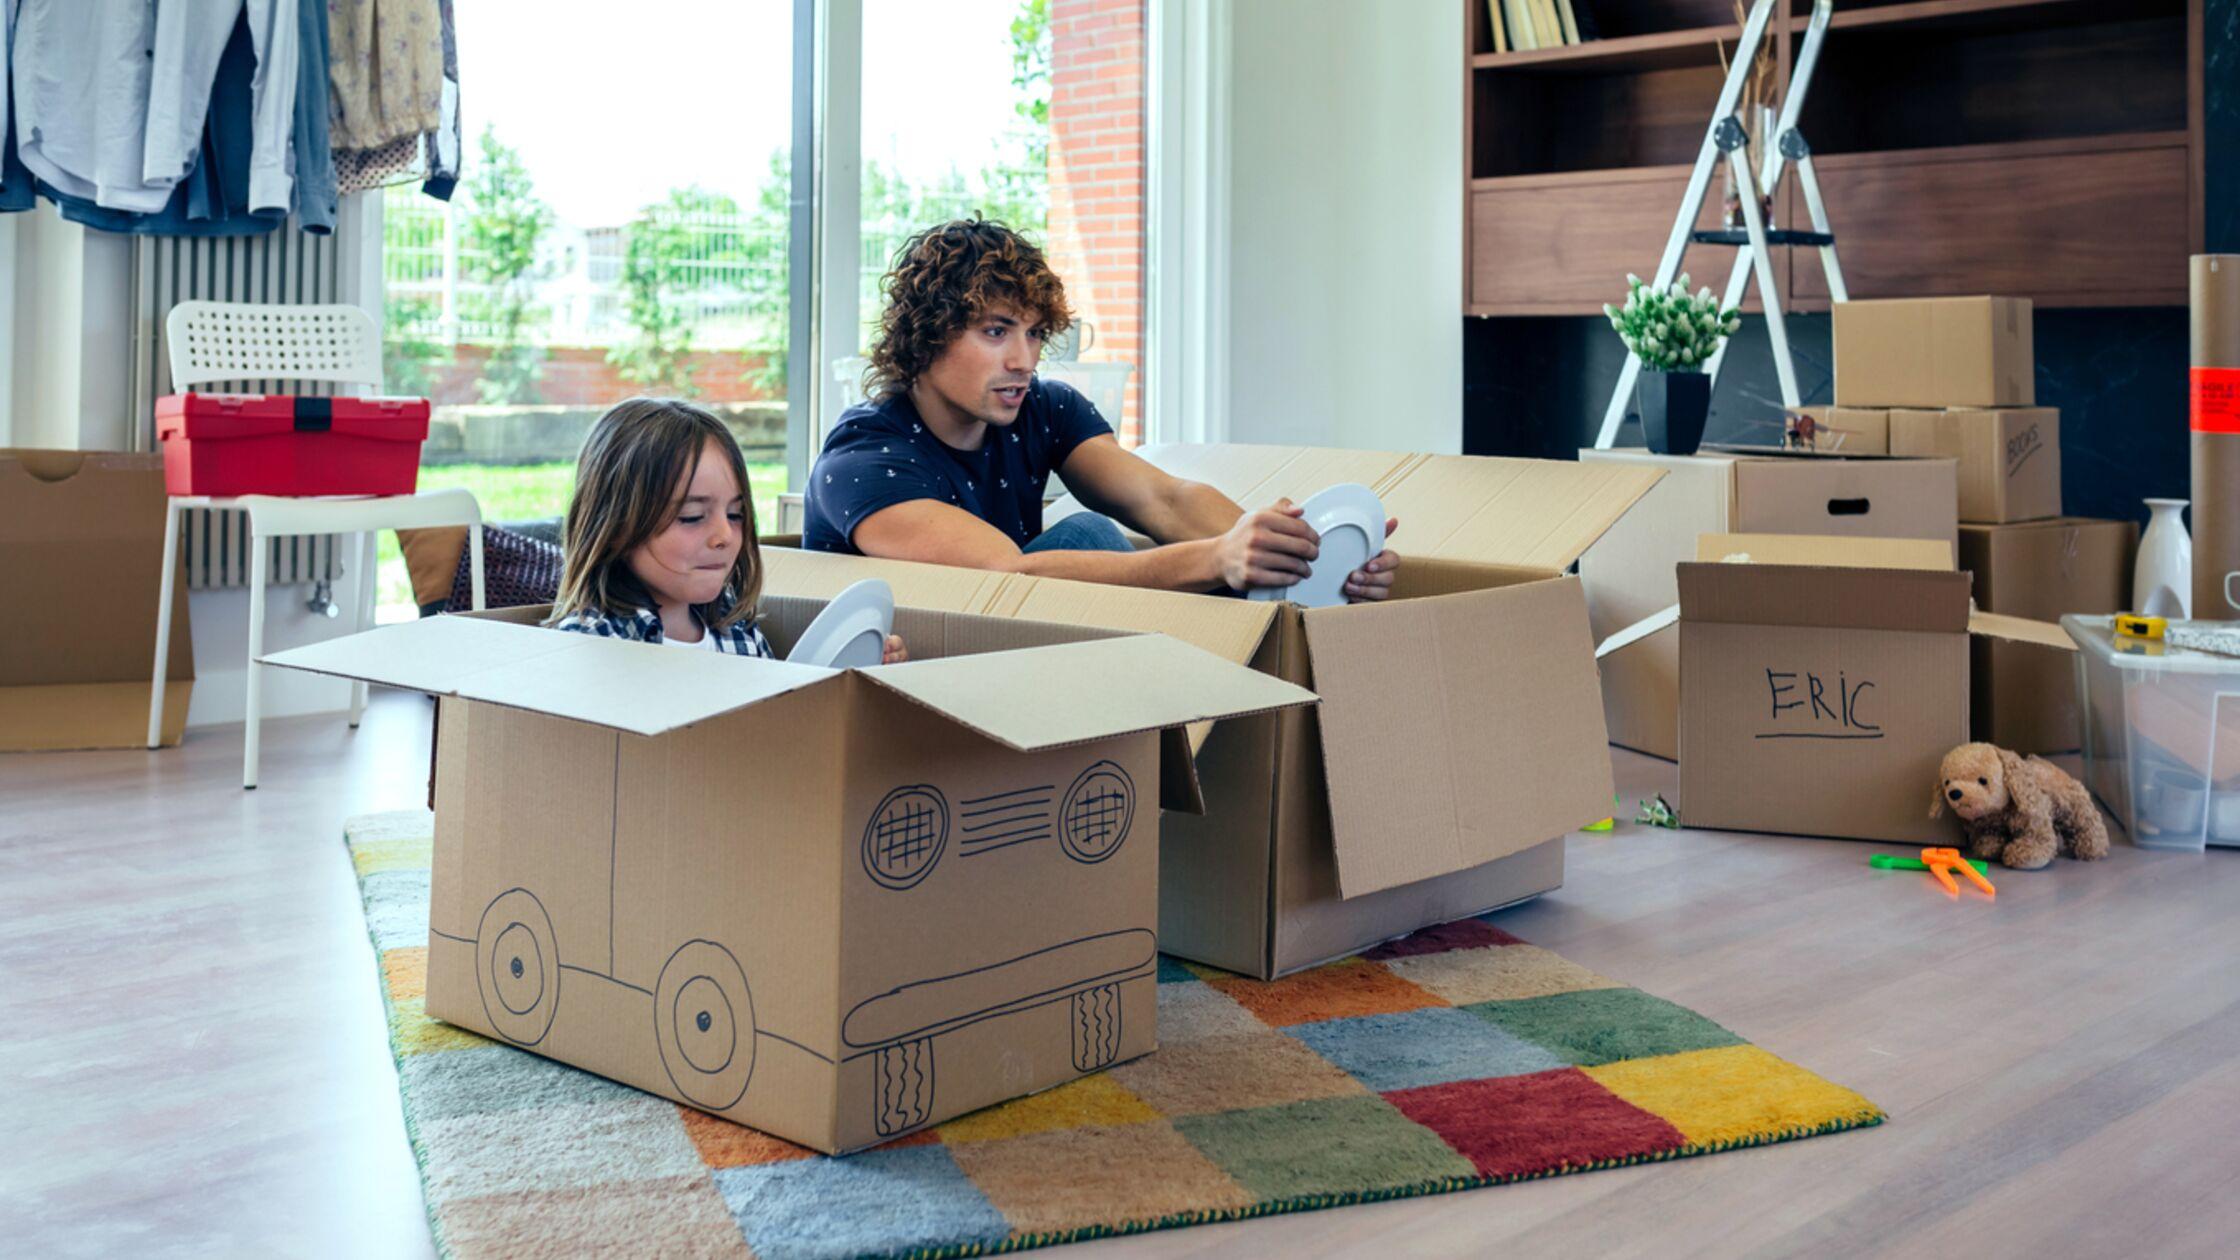 Vater und Kind sitzen in Umzugskartons und spielen Auto